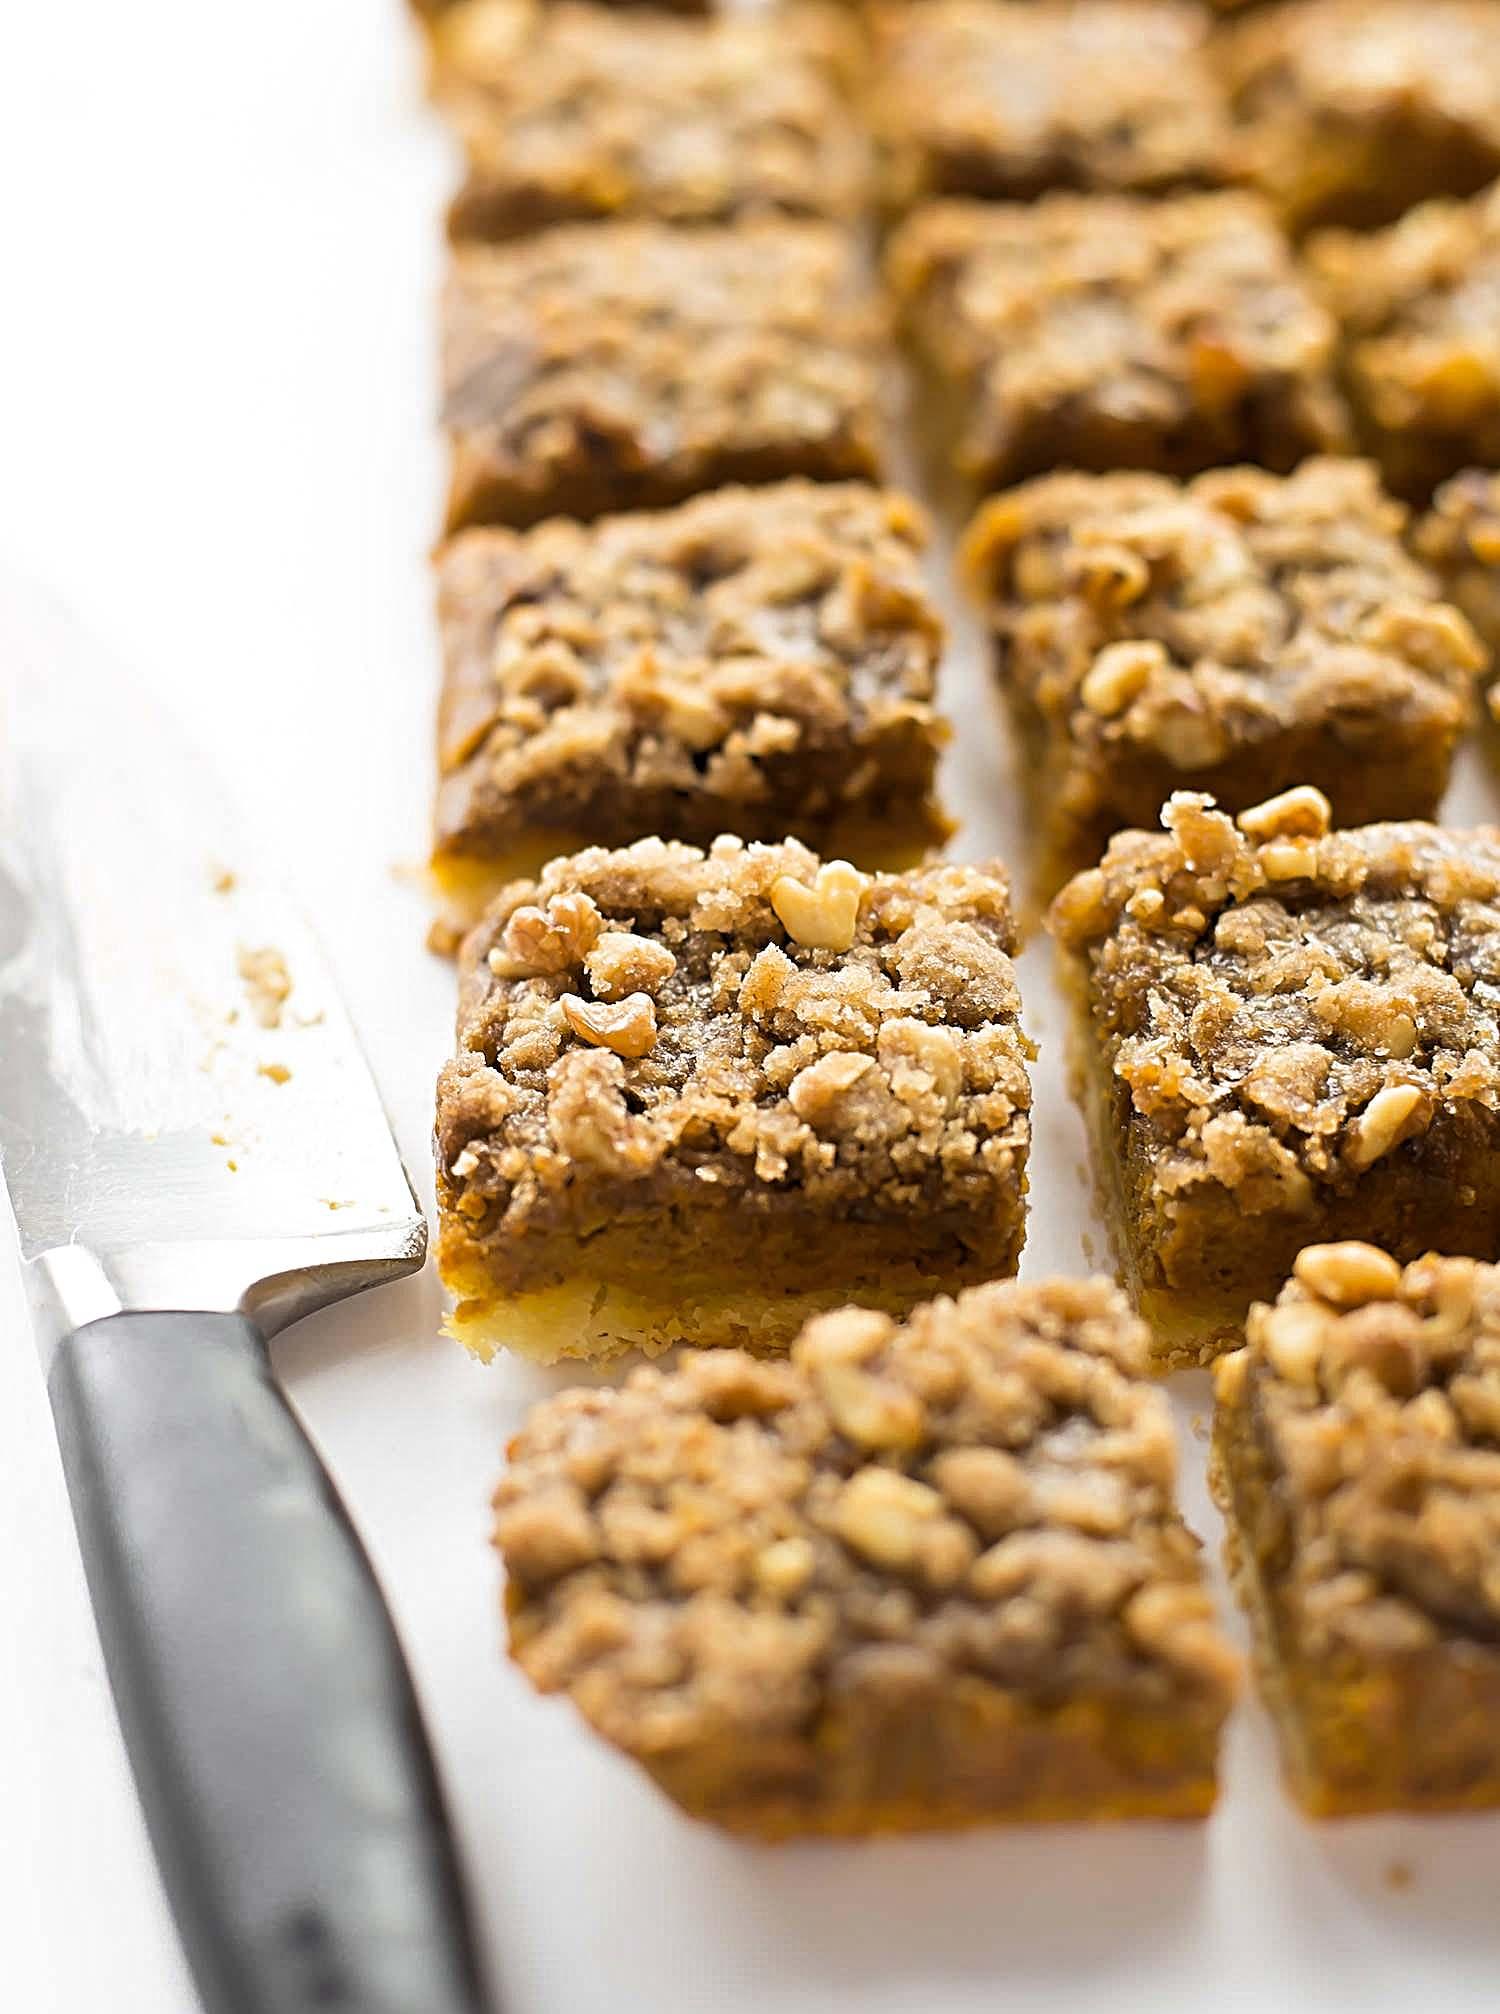 Pumpkin Pie Streusel Bars: buttery shortbread crust, creamy pumpkin filling, and a cinnamon streusel on top. Thanksgiving dessert perfection! | TrufflesandTrends.com